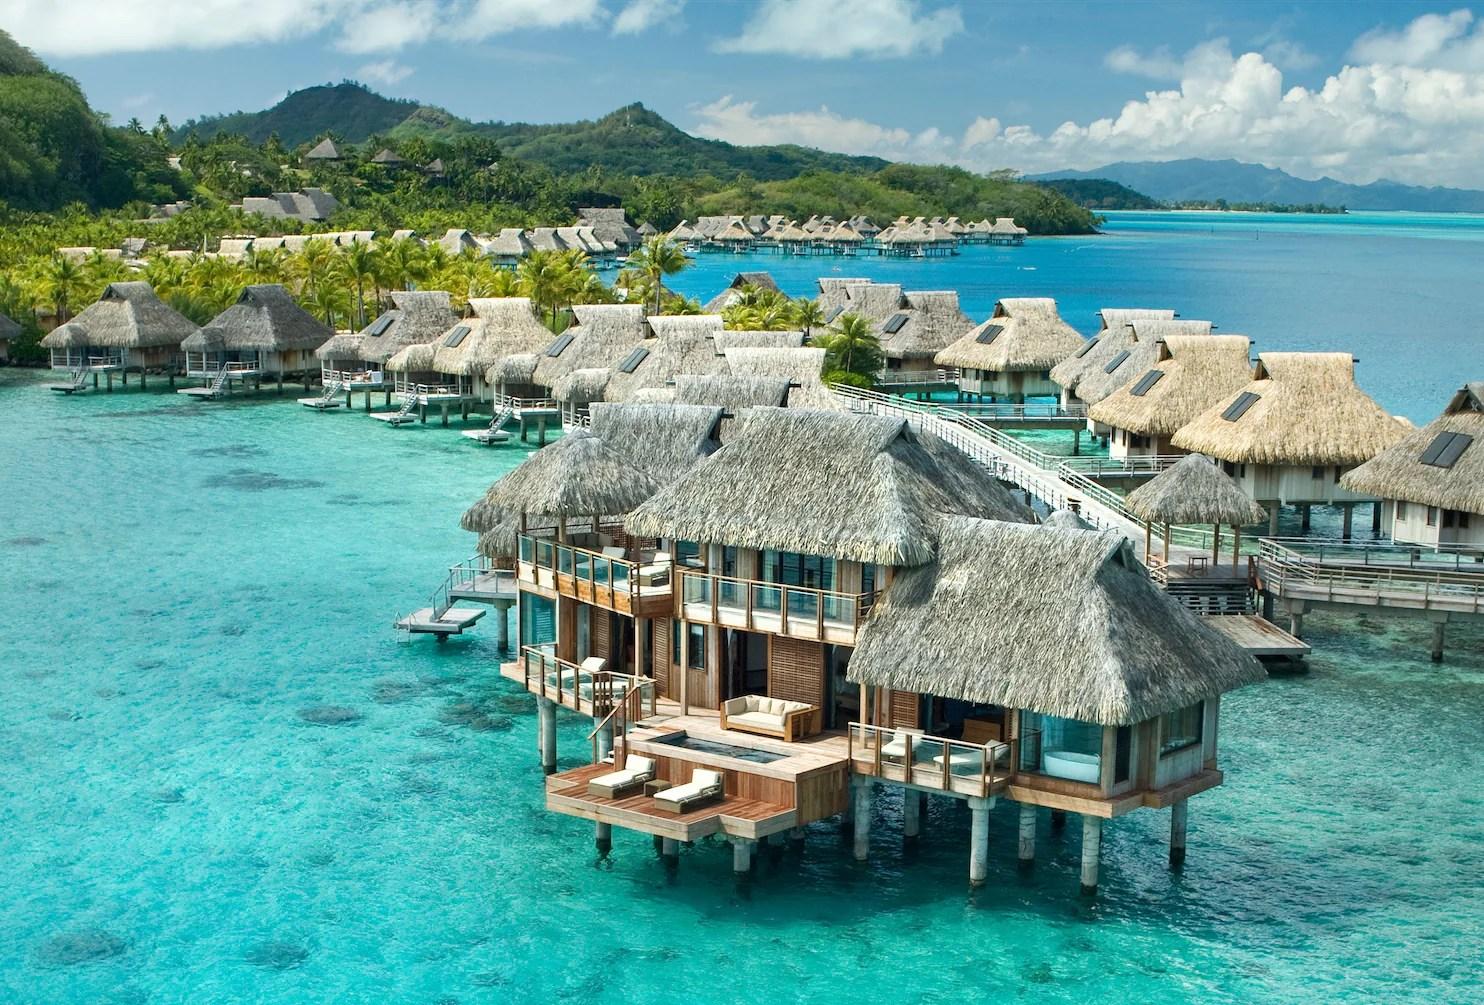 Nui Resort Bora Bora Bungalow